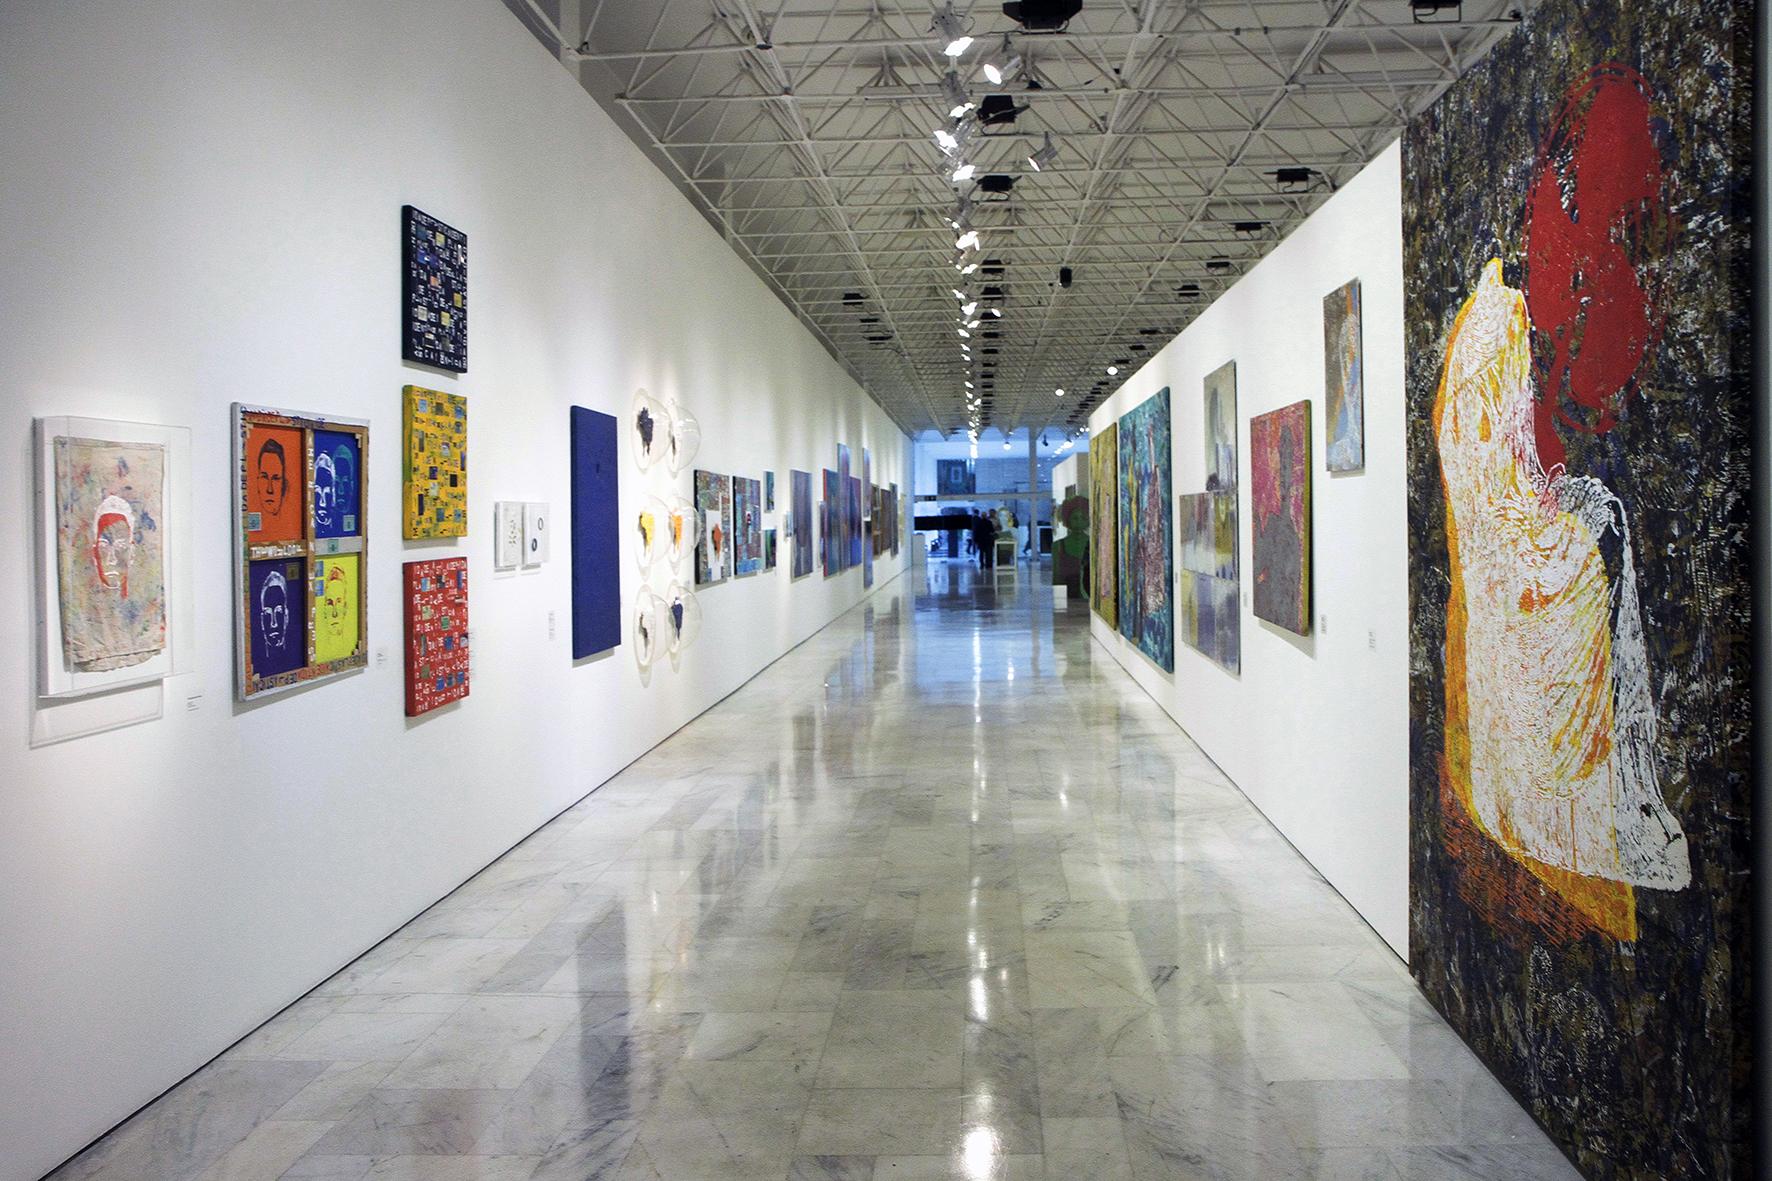 Corredor do Palácio das Artes, Belo Horizonte, Minas Gerais, Brasil